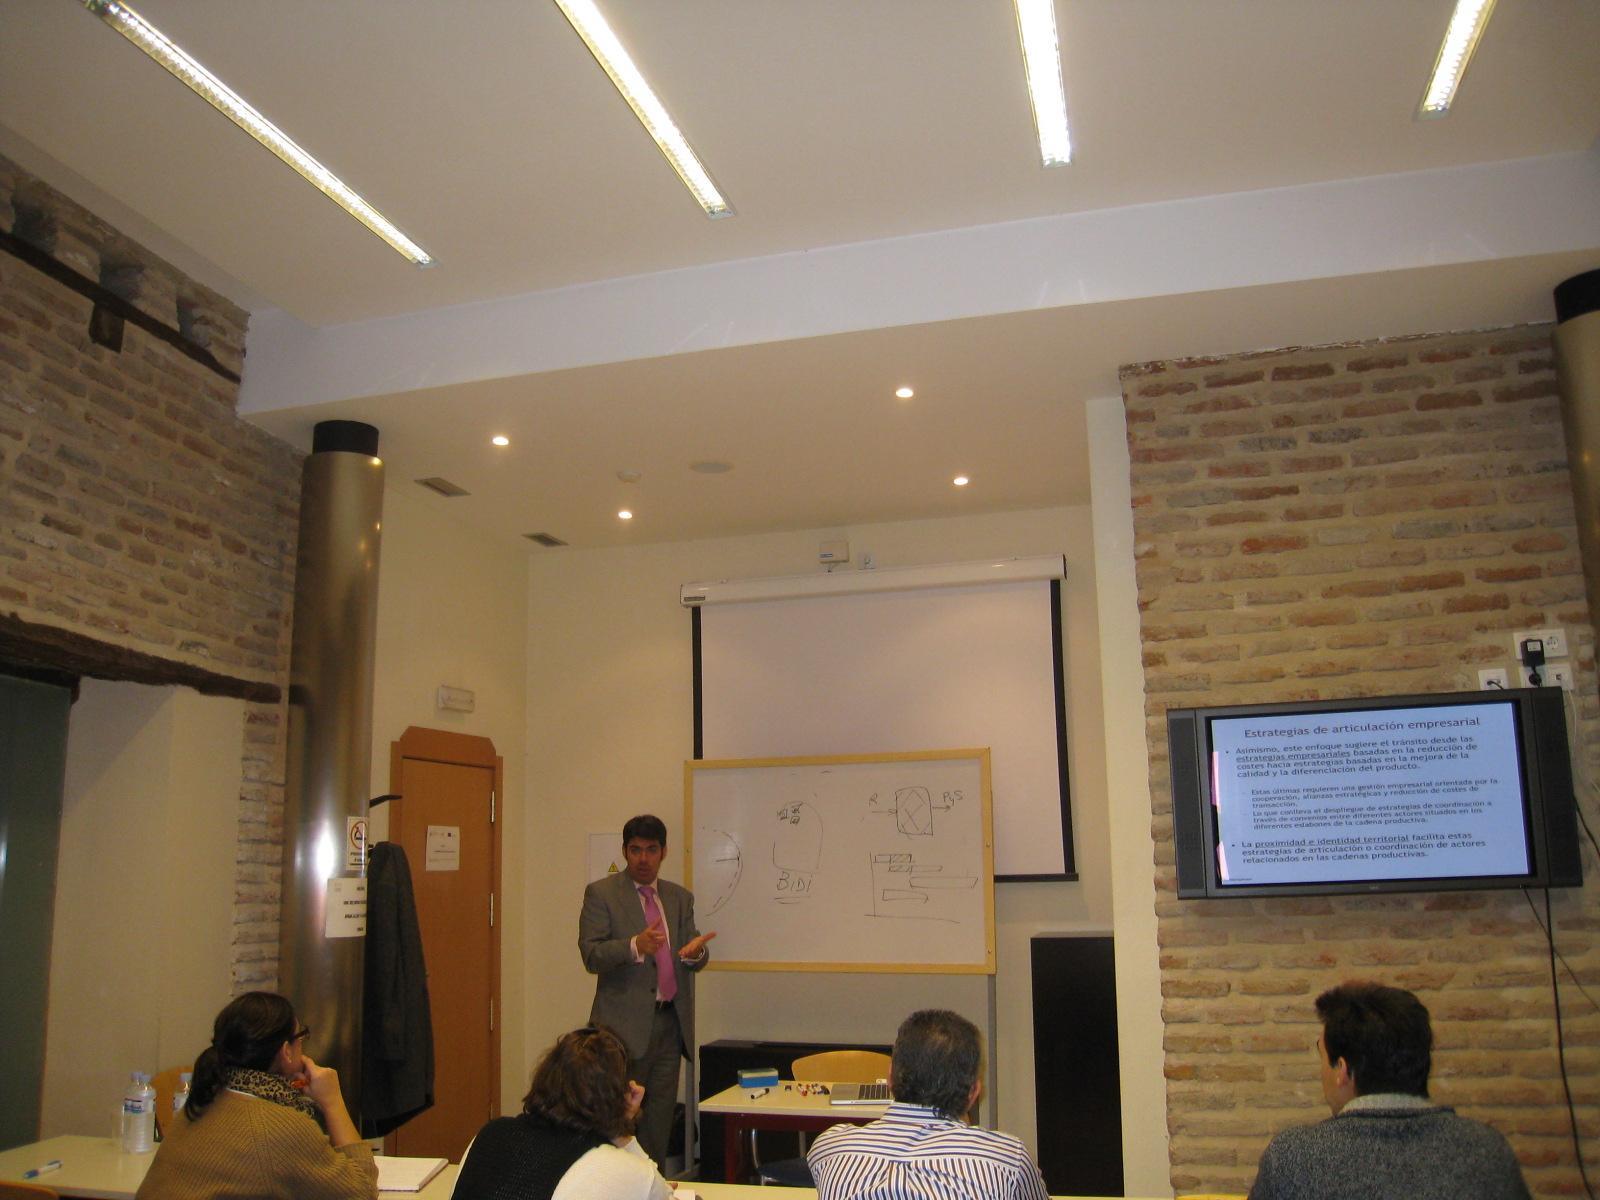 El CEEI de Talavera imparte un taller dedicado a la cooperación para crecer